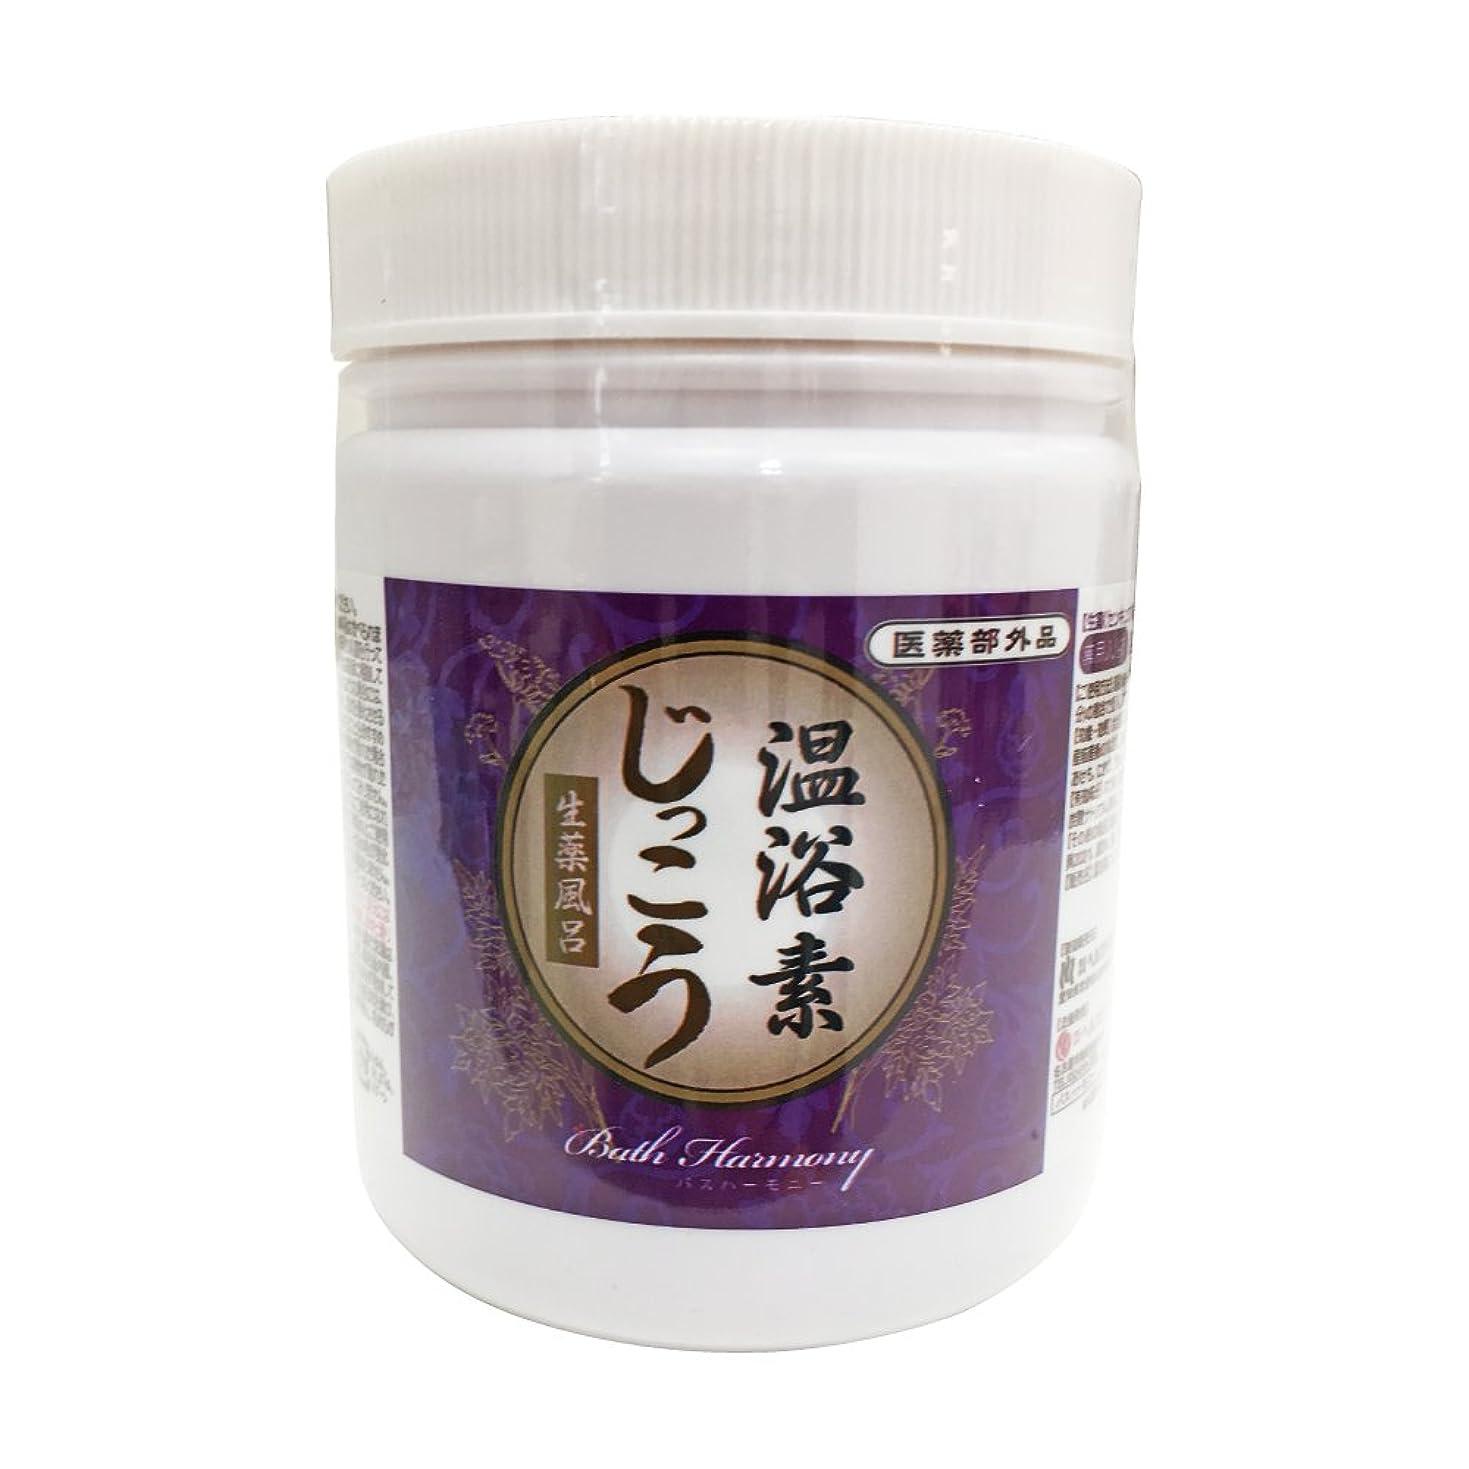 元に戻すスキッパー受粉者温浴素 じっこう 500g 約25回分 粉末 生薬 薬湯 医薬部外品 ロングセラー 天然生薬 の 香り